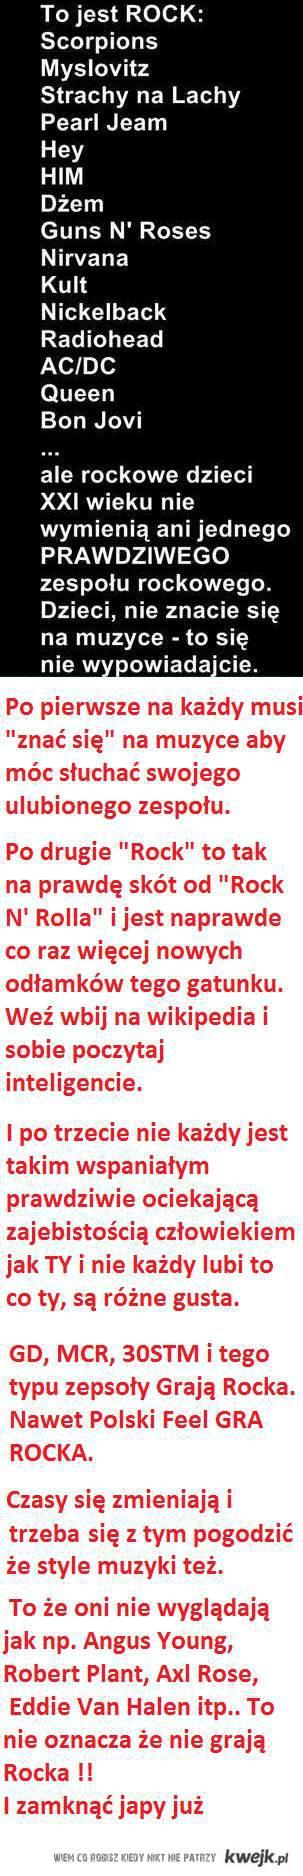 znawcy rocka